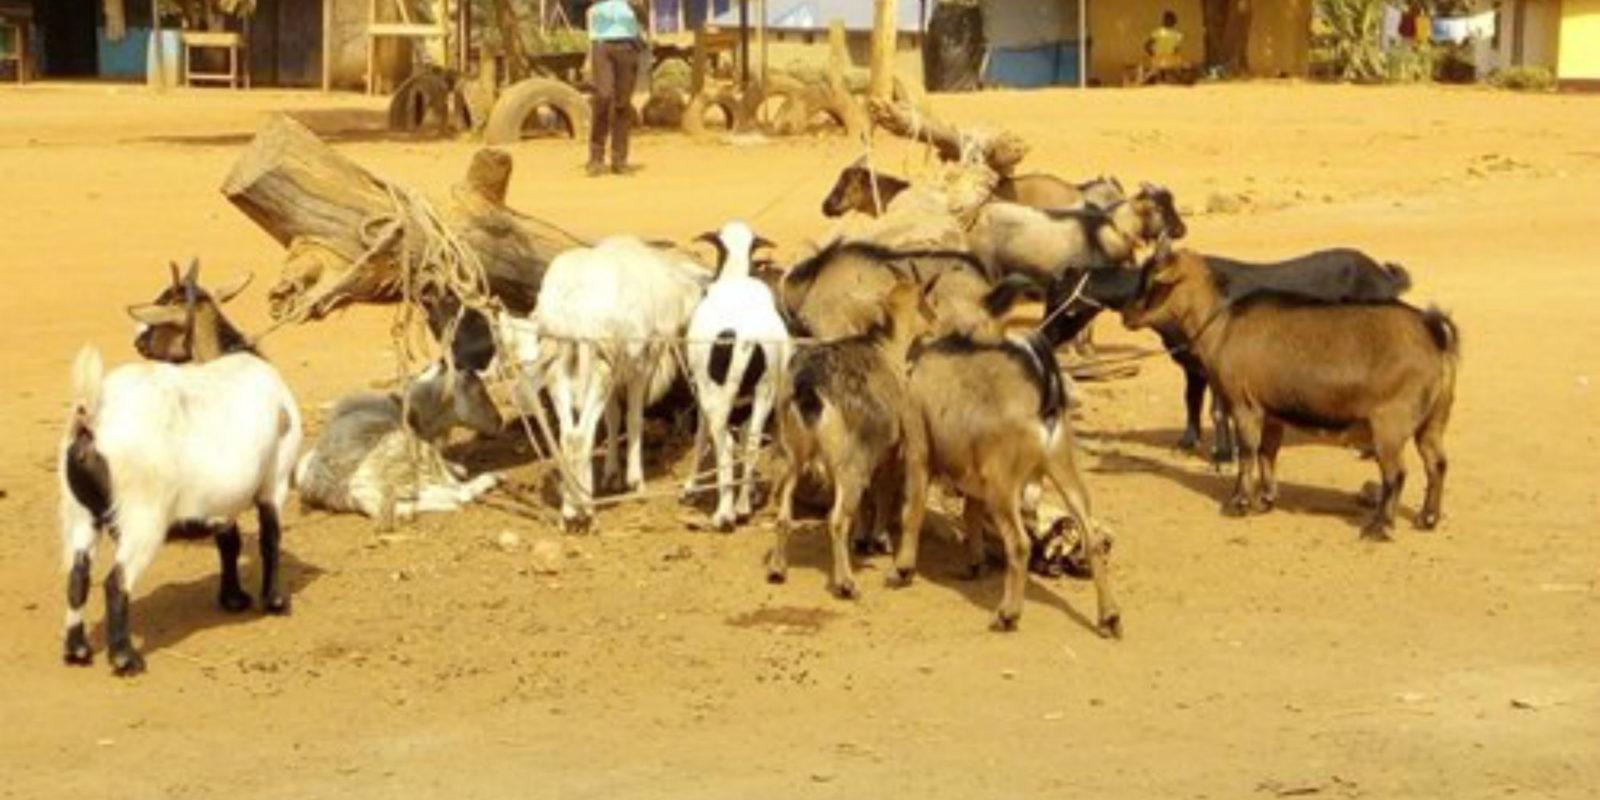 Die meisten der 1,6 Millionen Nutztiere in Liberia sind Ziegen und Hühner